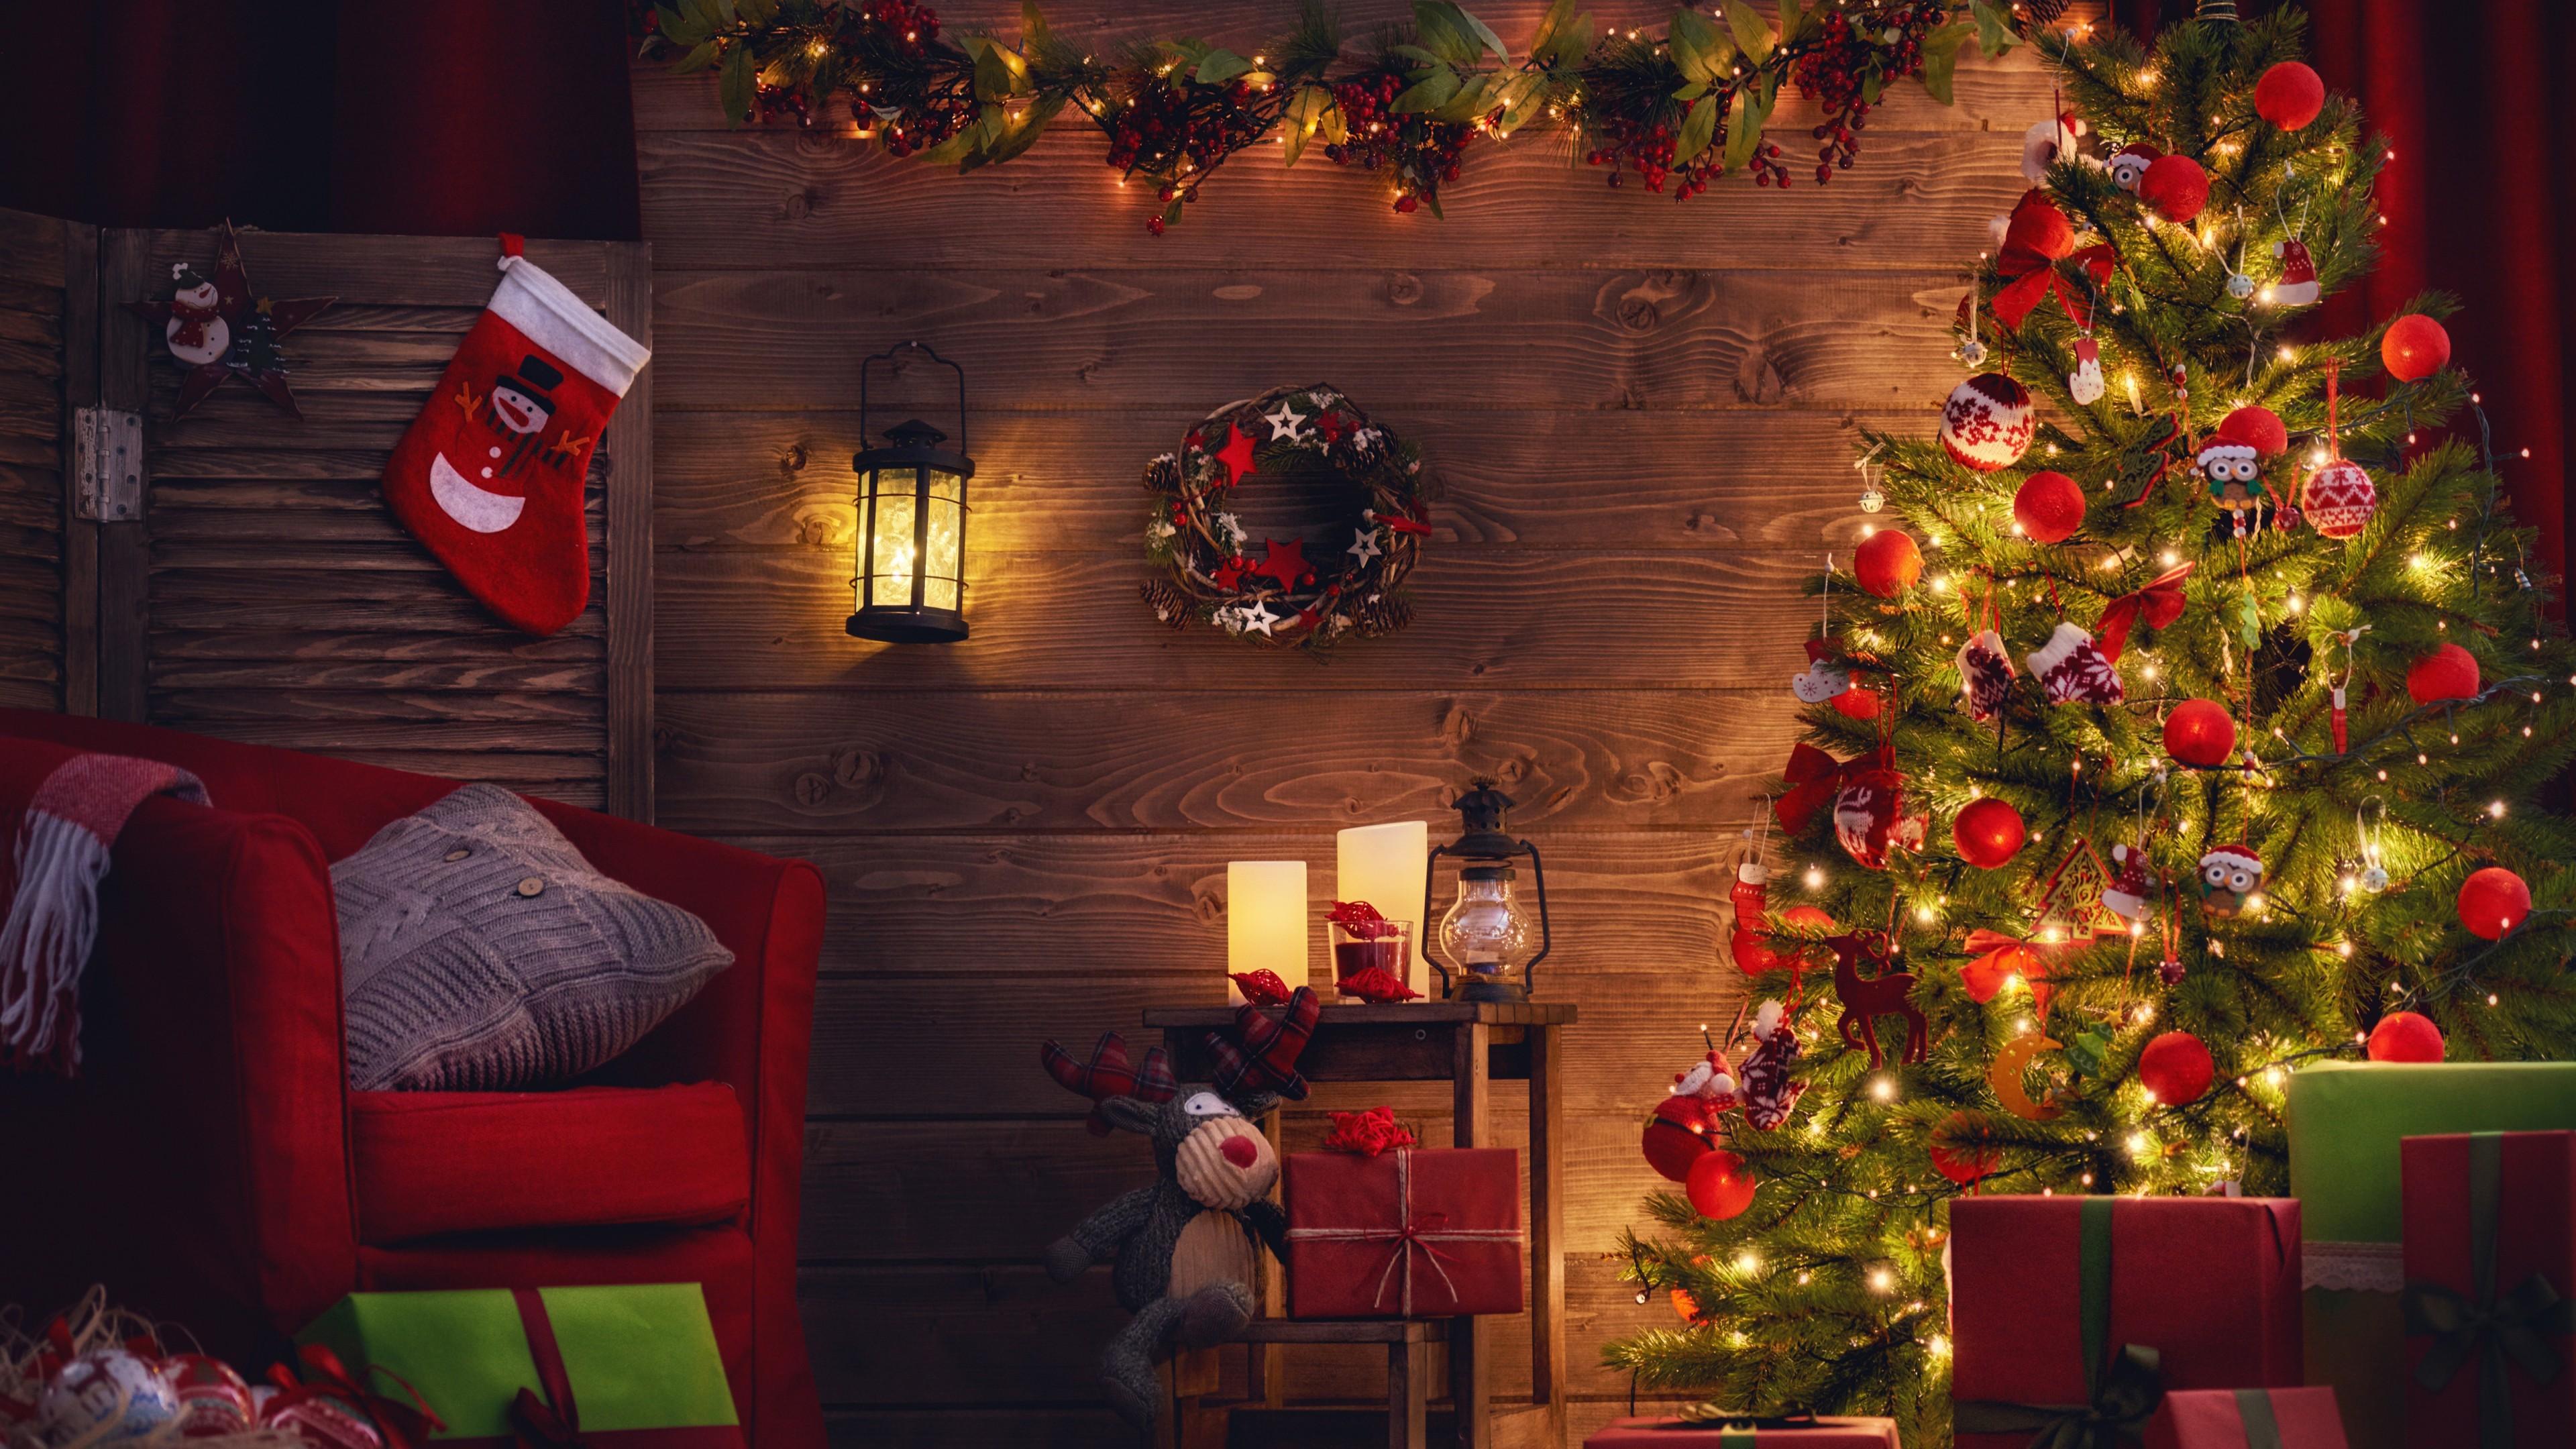 Новогодняя елка в ярких красных шарах , сверкающих огнями гирлянд и подарками